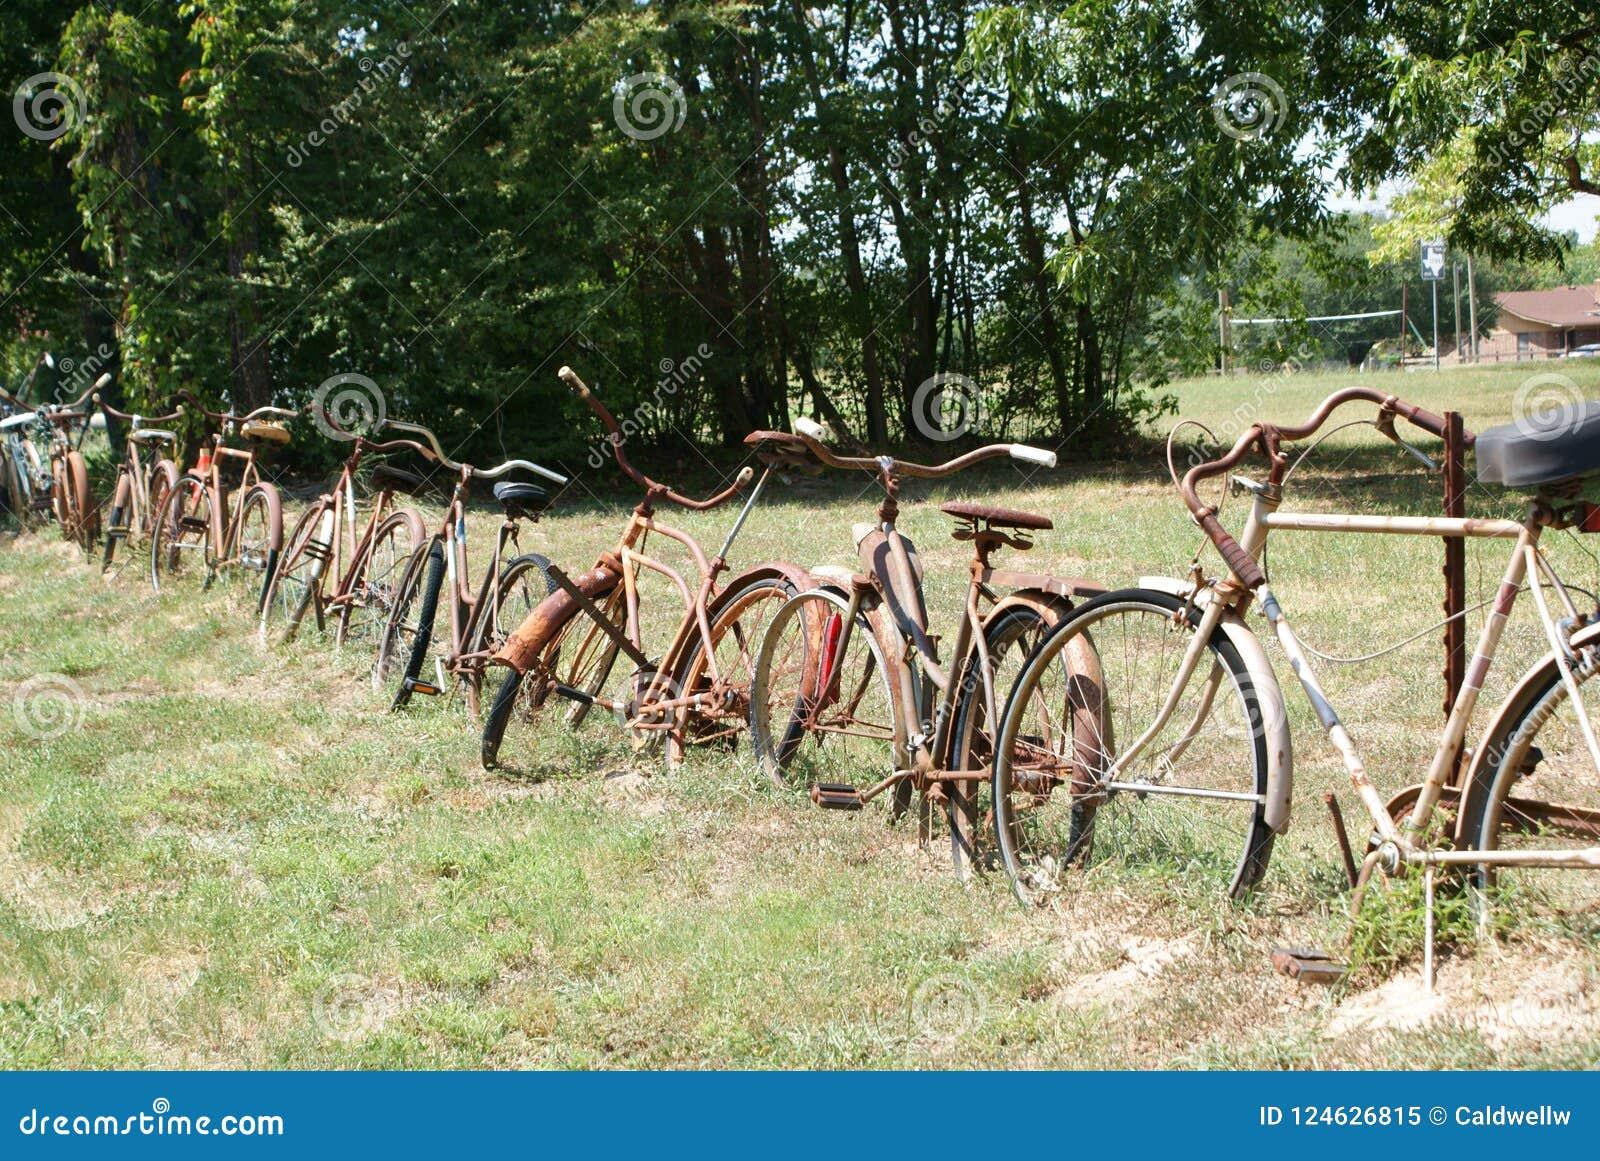 Une barrière Around The Yard fait de vieilles bicyclettes